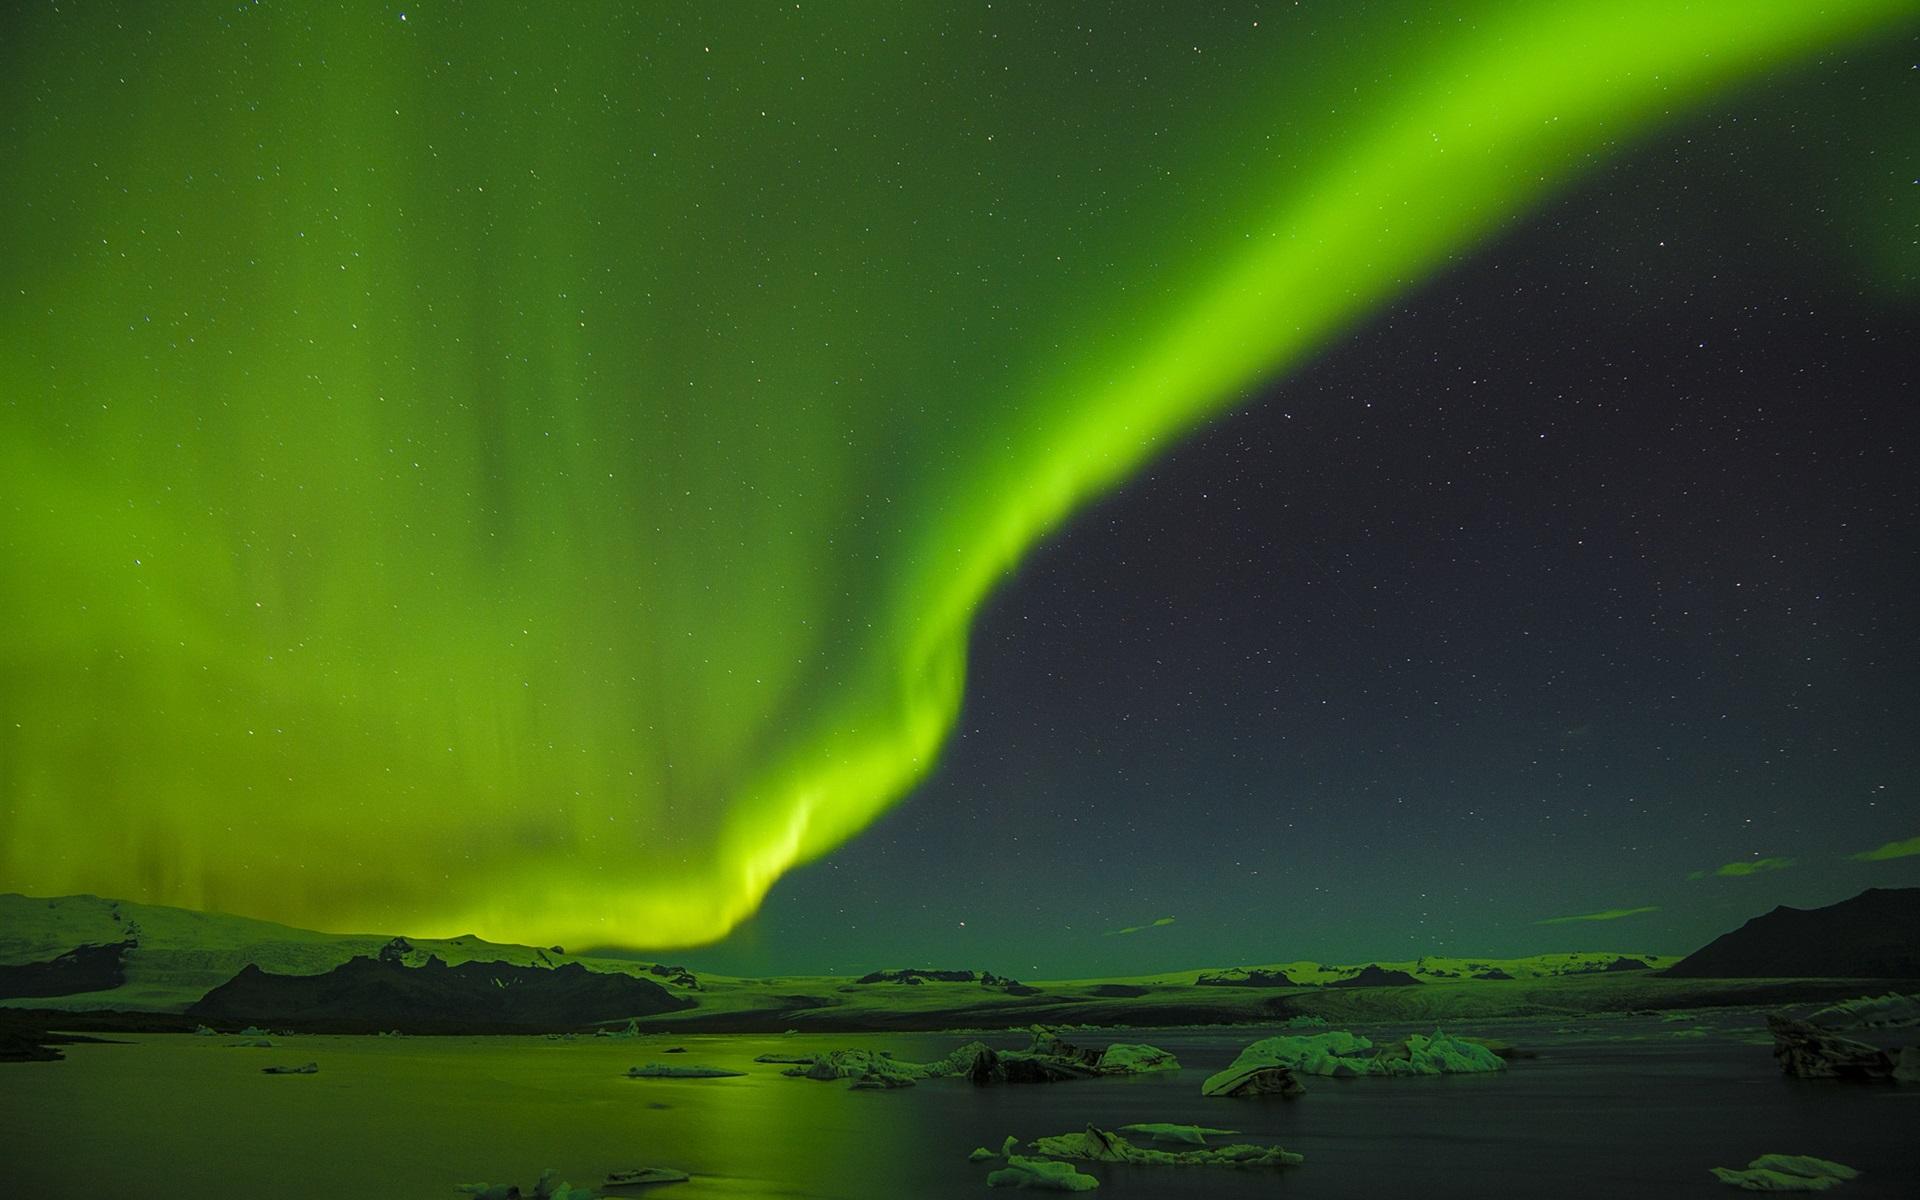 бражник это картинка северное сияние анимация новогодний